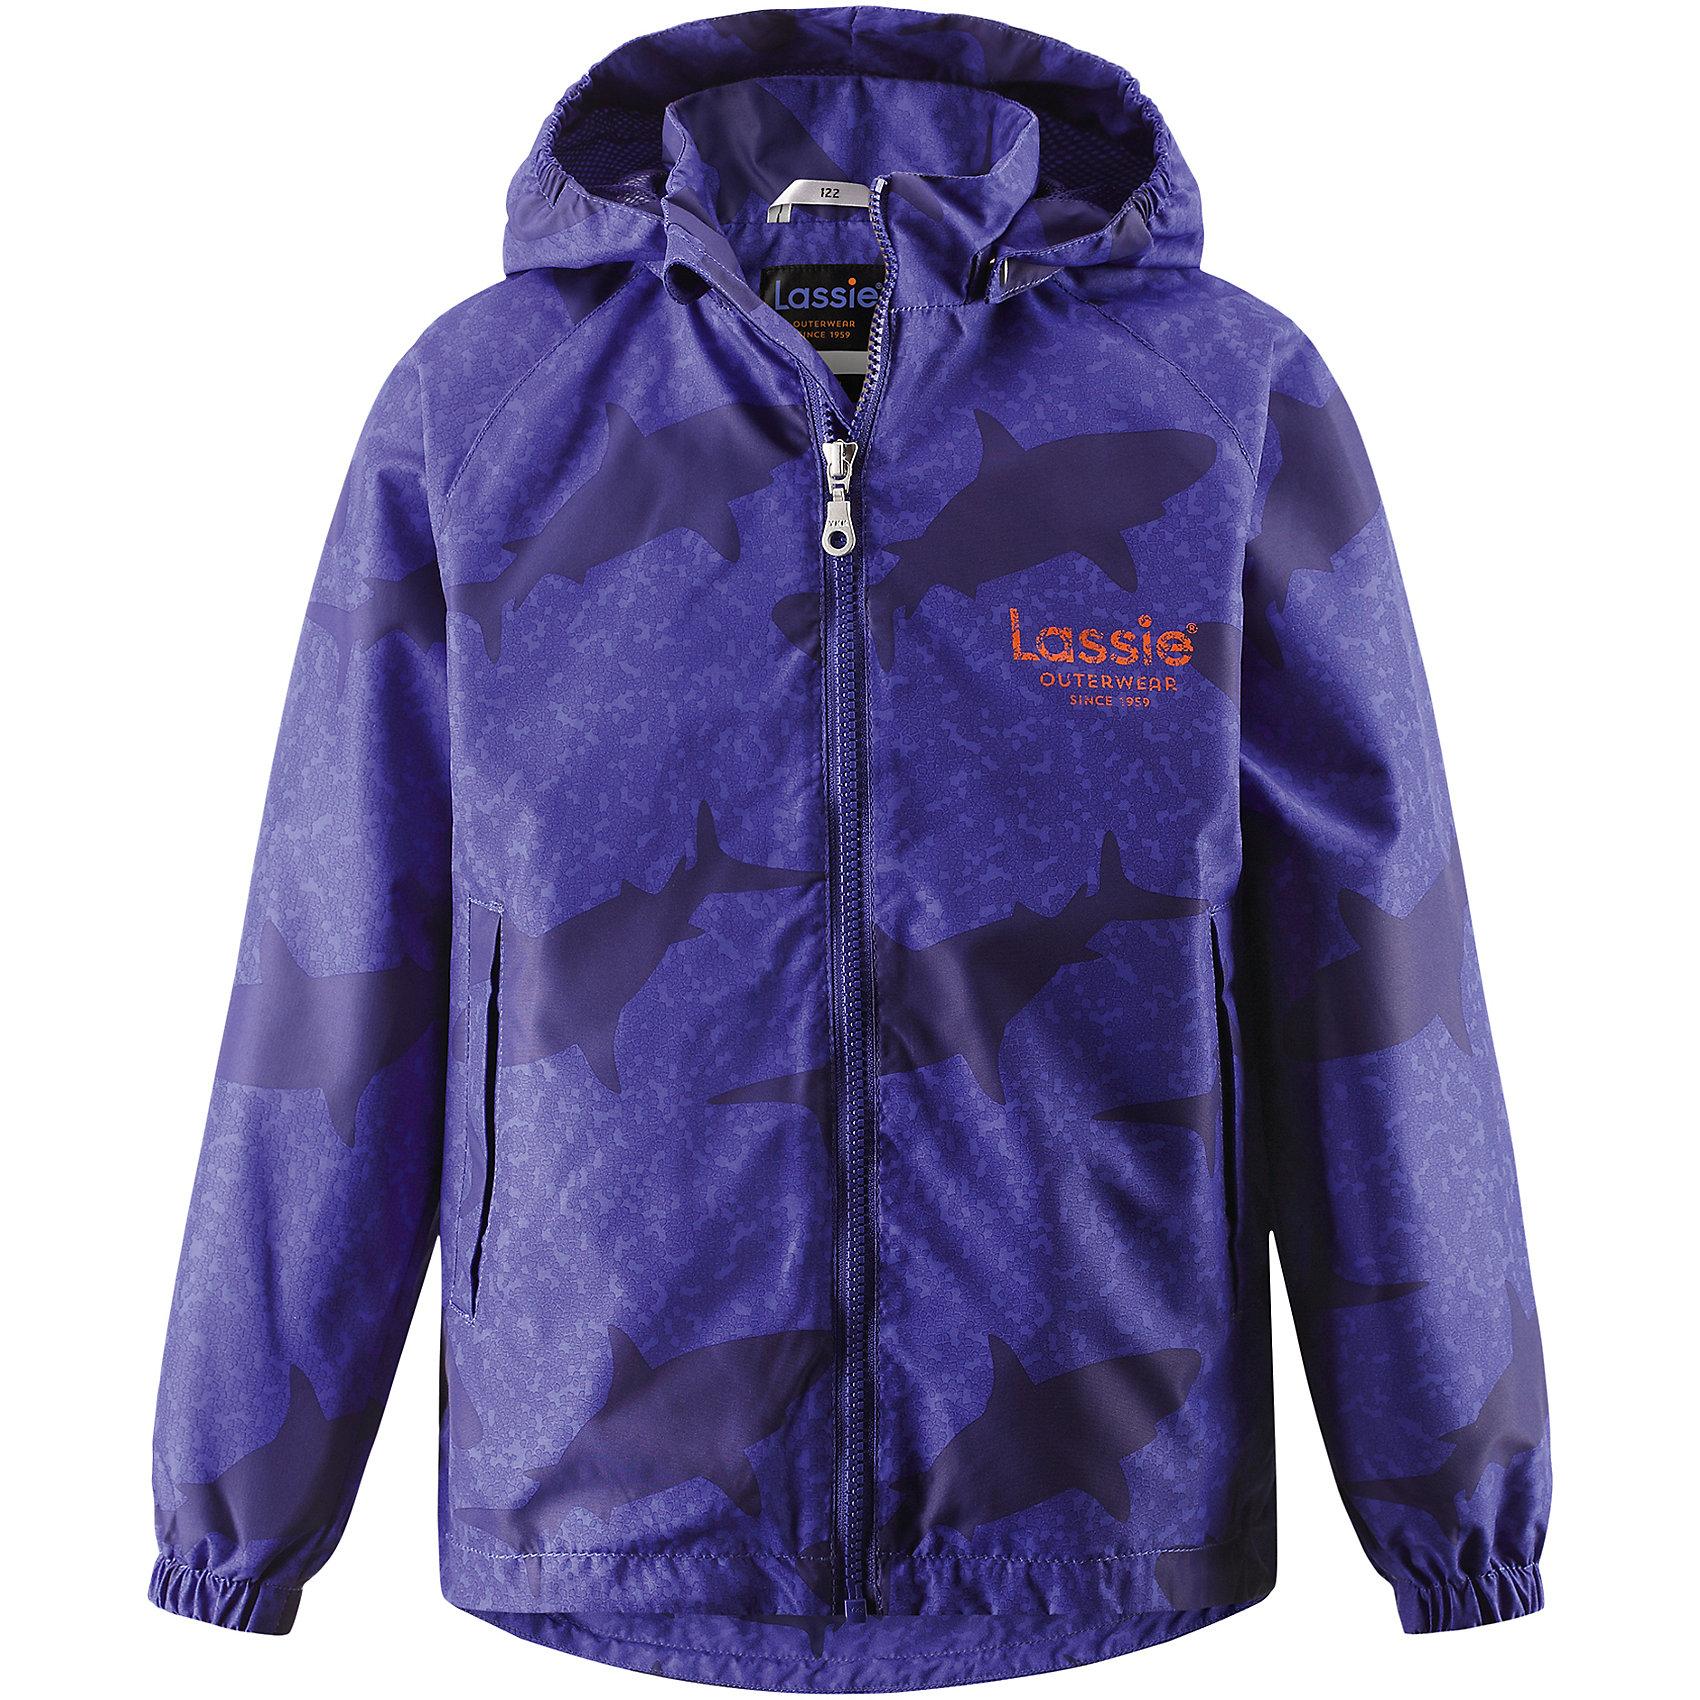 Куртка для мальчика LASSIEОдежда<br>Курткадля мальчика LASSIE<br>Состав:<br>100% Полиэстер, полиуретановое покрытие<br> Куртка для детей<br> Водоотталкивающий, ветронепроницаемый и «дышащий» материал<br> Подкладка из mesh-сетки<br> Безопасный, съемный капюшон<br> Эластичные манжеты<br> Регулируемый подол<br> Два прорезных кармана<br><br>Ширина мм: 356<br>Глубина мм: 10<br>Высота мм: 245<br>Вес г: 519<br>Цвет: синий<br>Возраст от месяцев: 108<br>Возраст до месяцев: 120<br>Пол: Мужской<br>Возраст: Детский<br>Размер: 128,122,98,104,110,92,134,116,140<br>SKU: 5264515